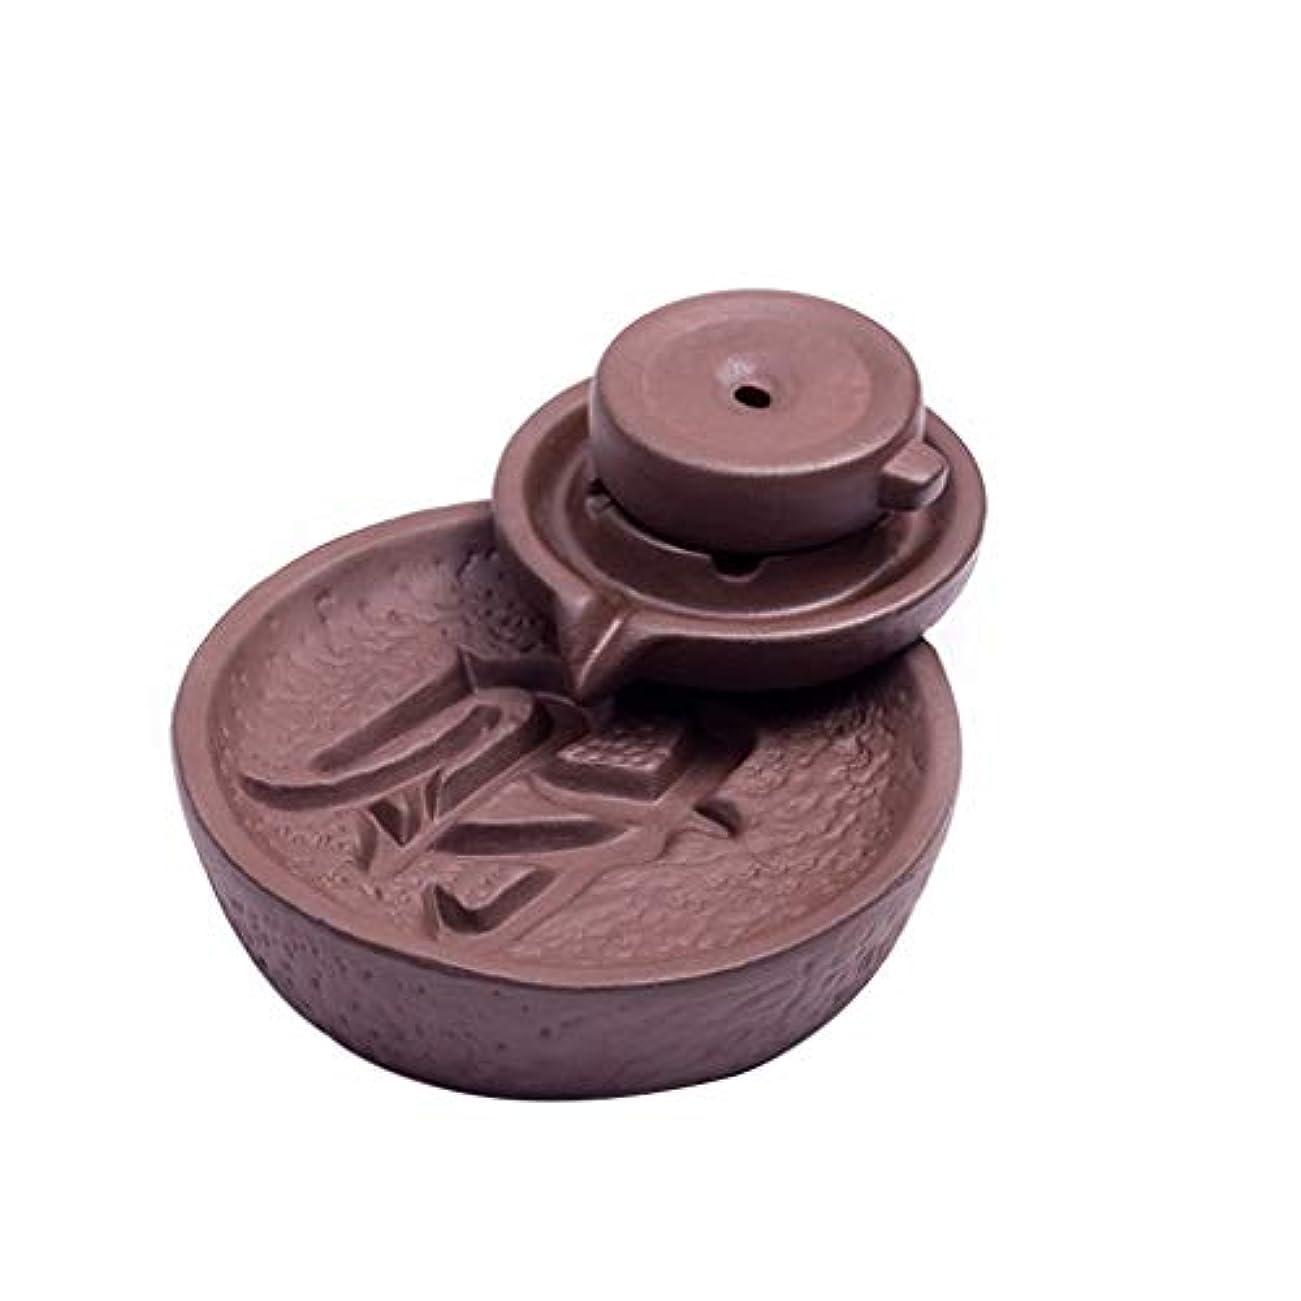 実現可能性蜜誘うホームアロマバーナー 逆流香バーナー家庭用香屋内香サンダルウッド香バーナー装飾セラミック炉 アロマバーナー